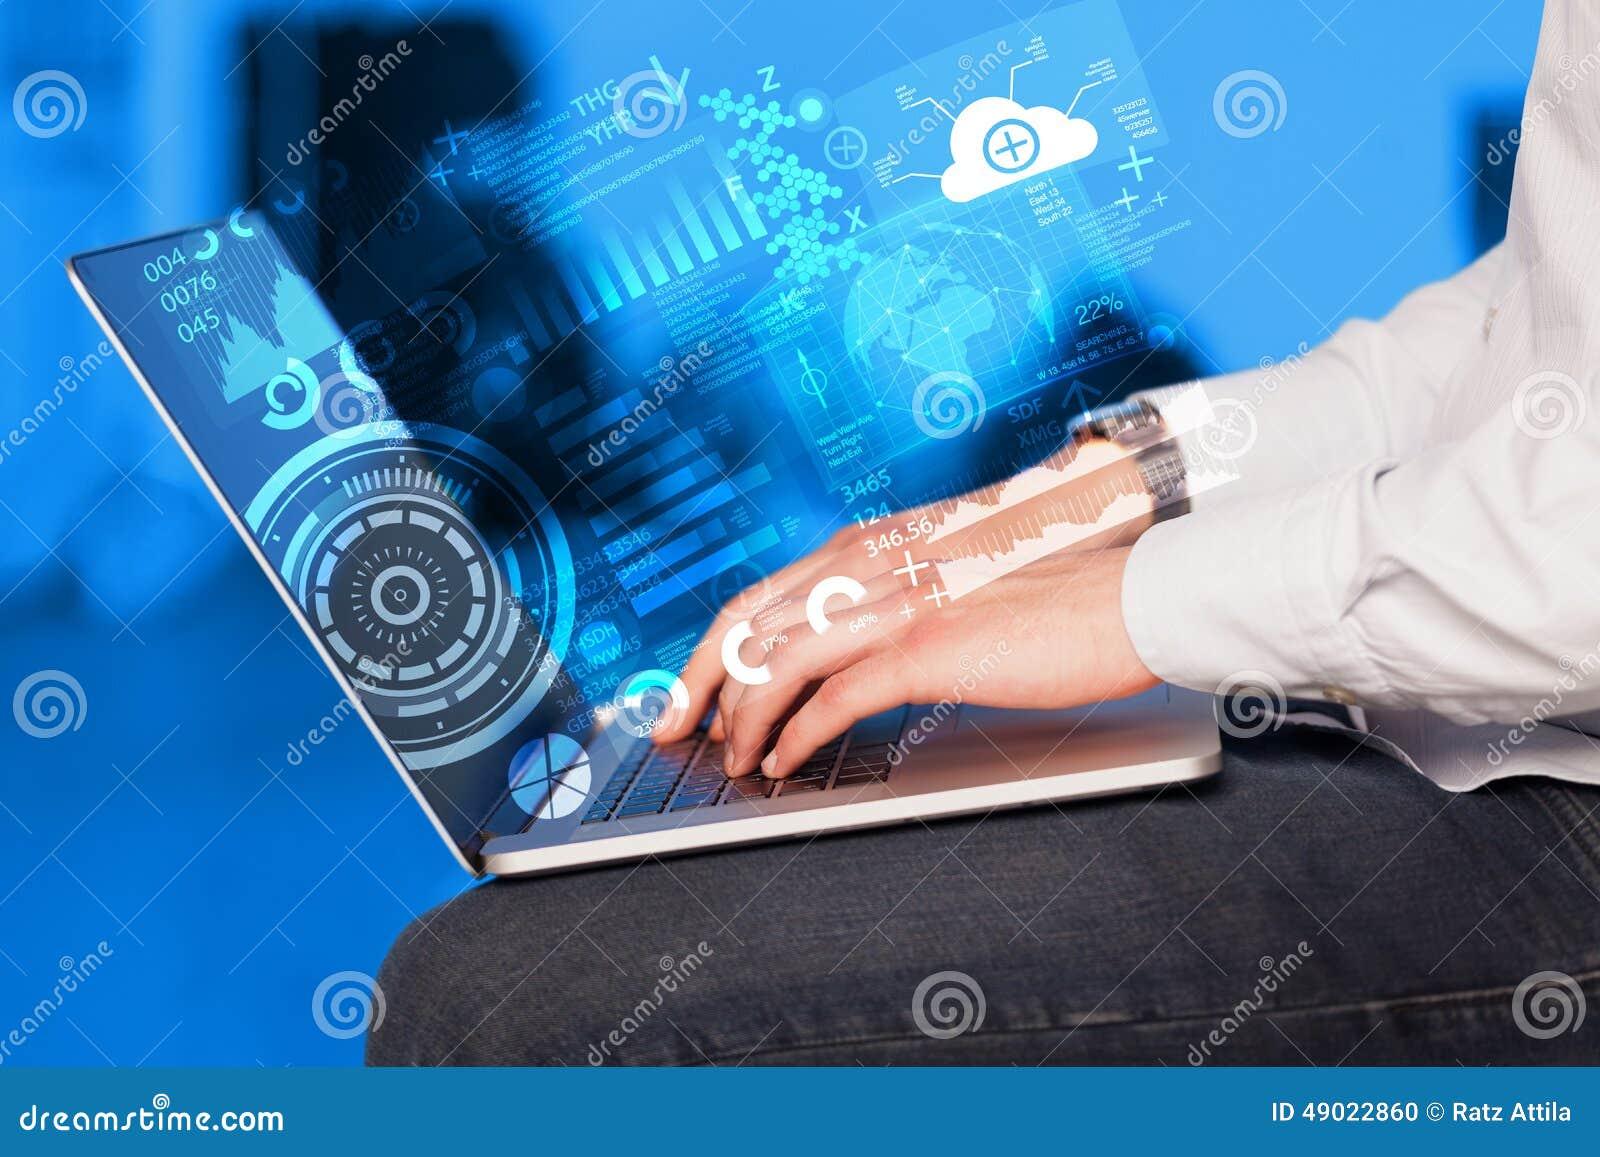 Ordinateur portable moderne avec de futurs symboles de technologie